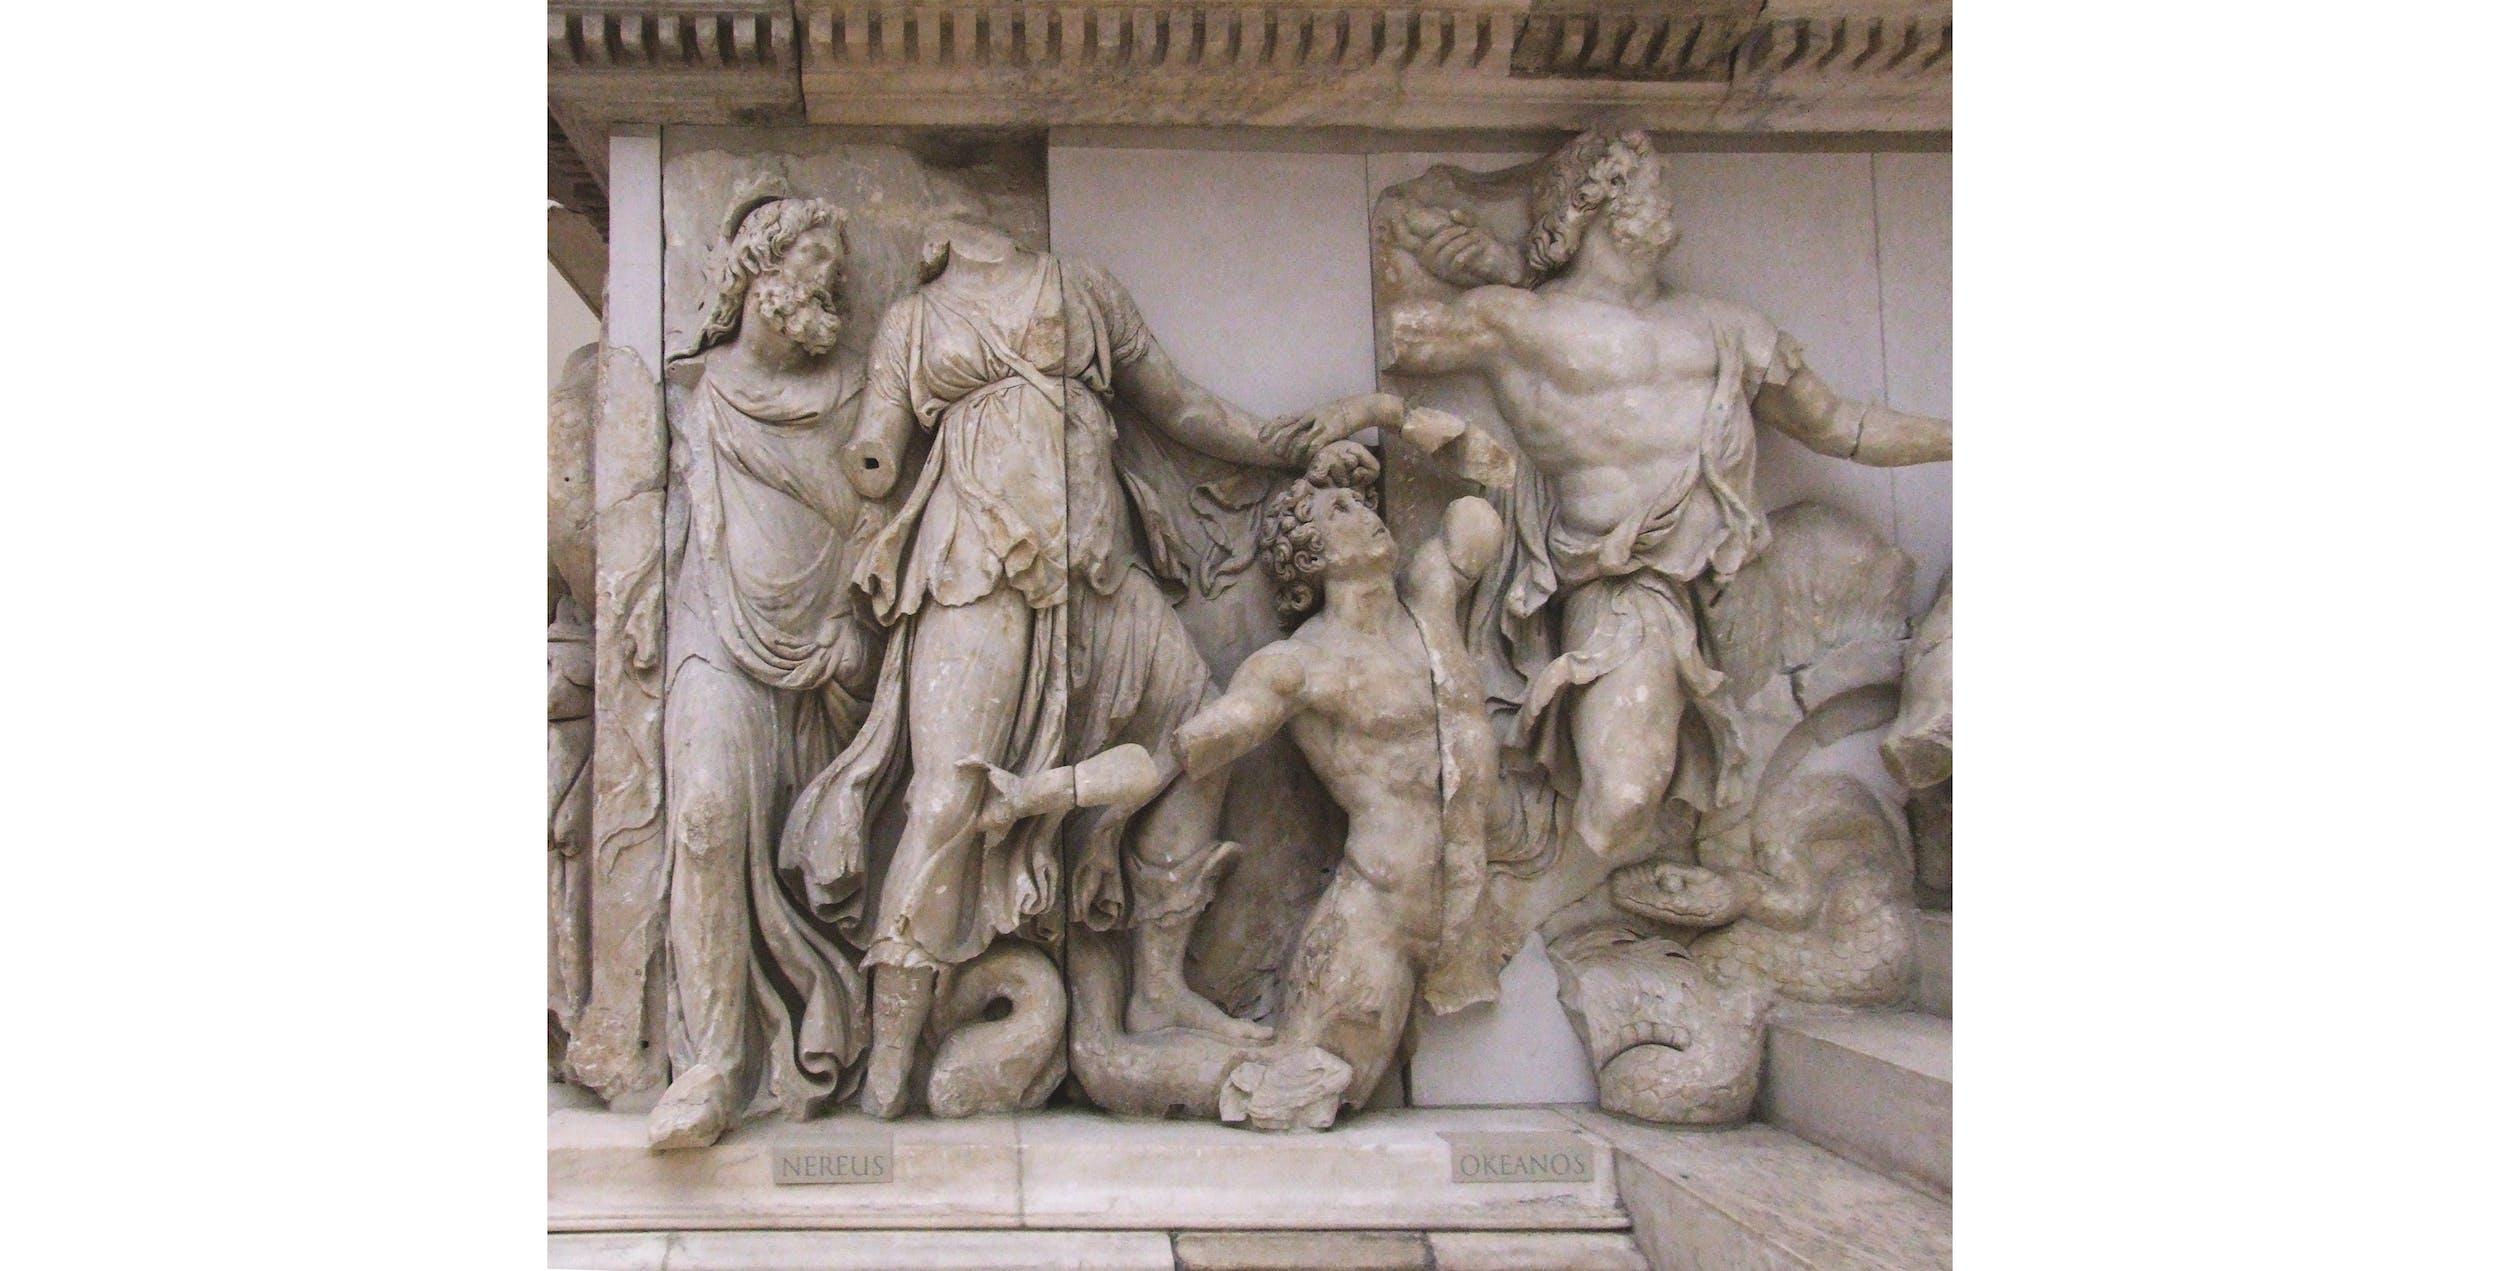 Altare di Pergamo, Nereo, Doris e Oceano.  Berlino, Pergamonmuseum,  II secolo a.C.